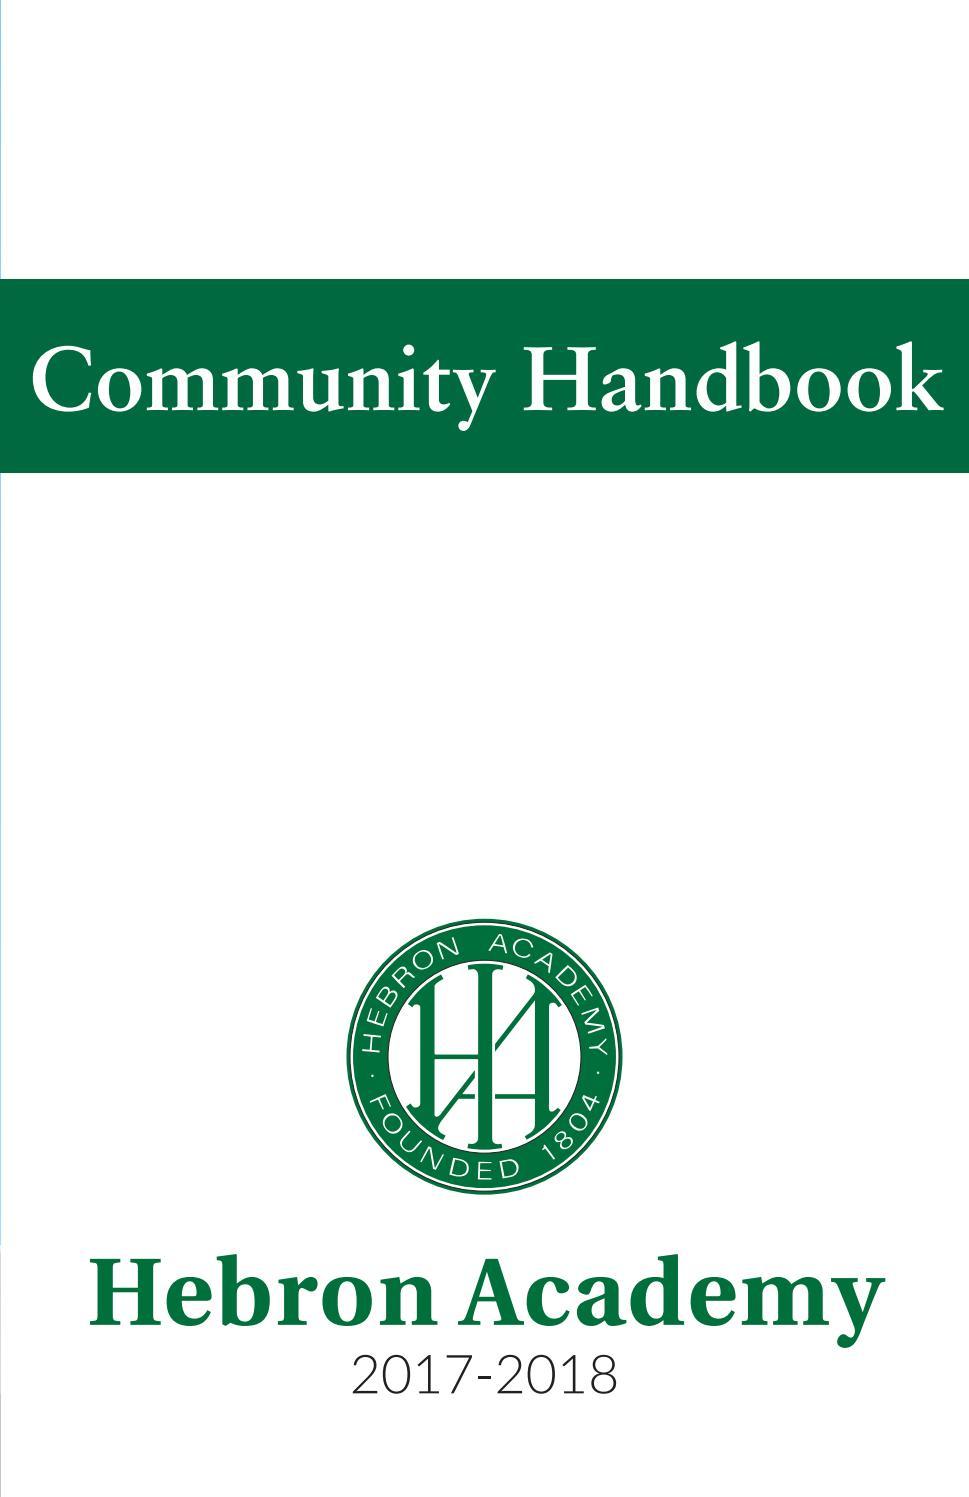 Hebron Academy Community Handbook 2017-2018 by Hebron